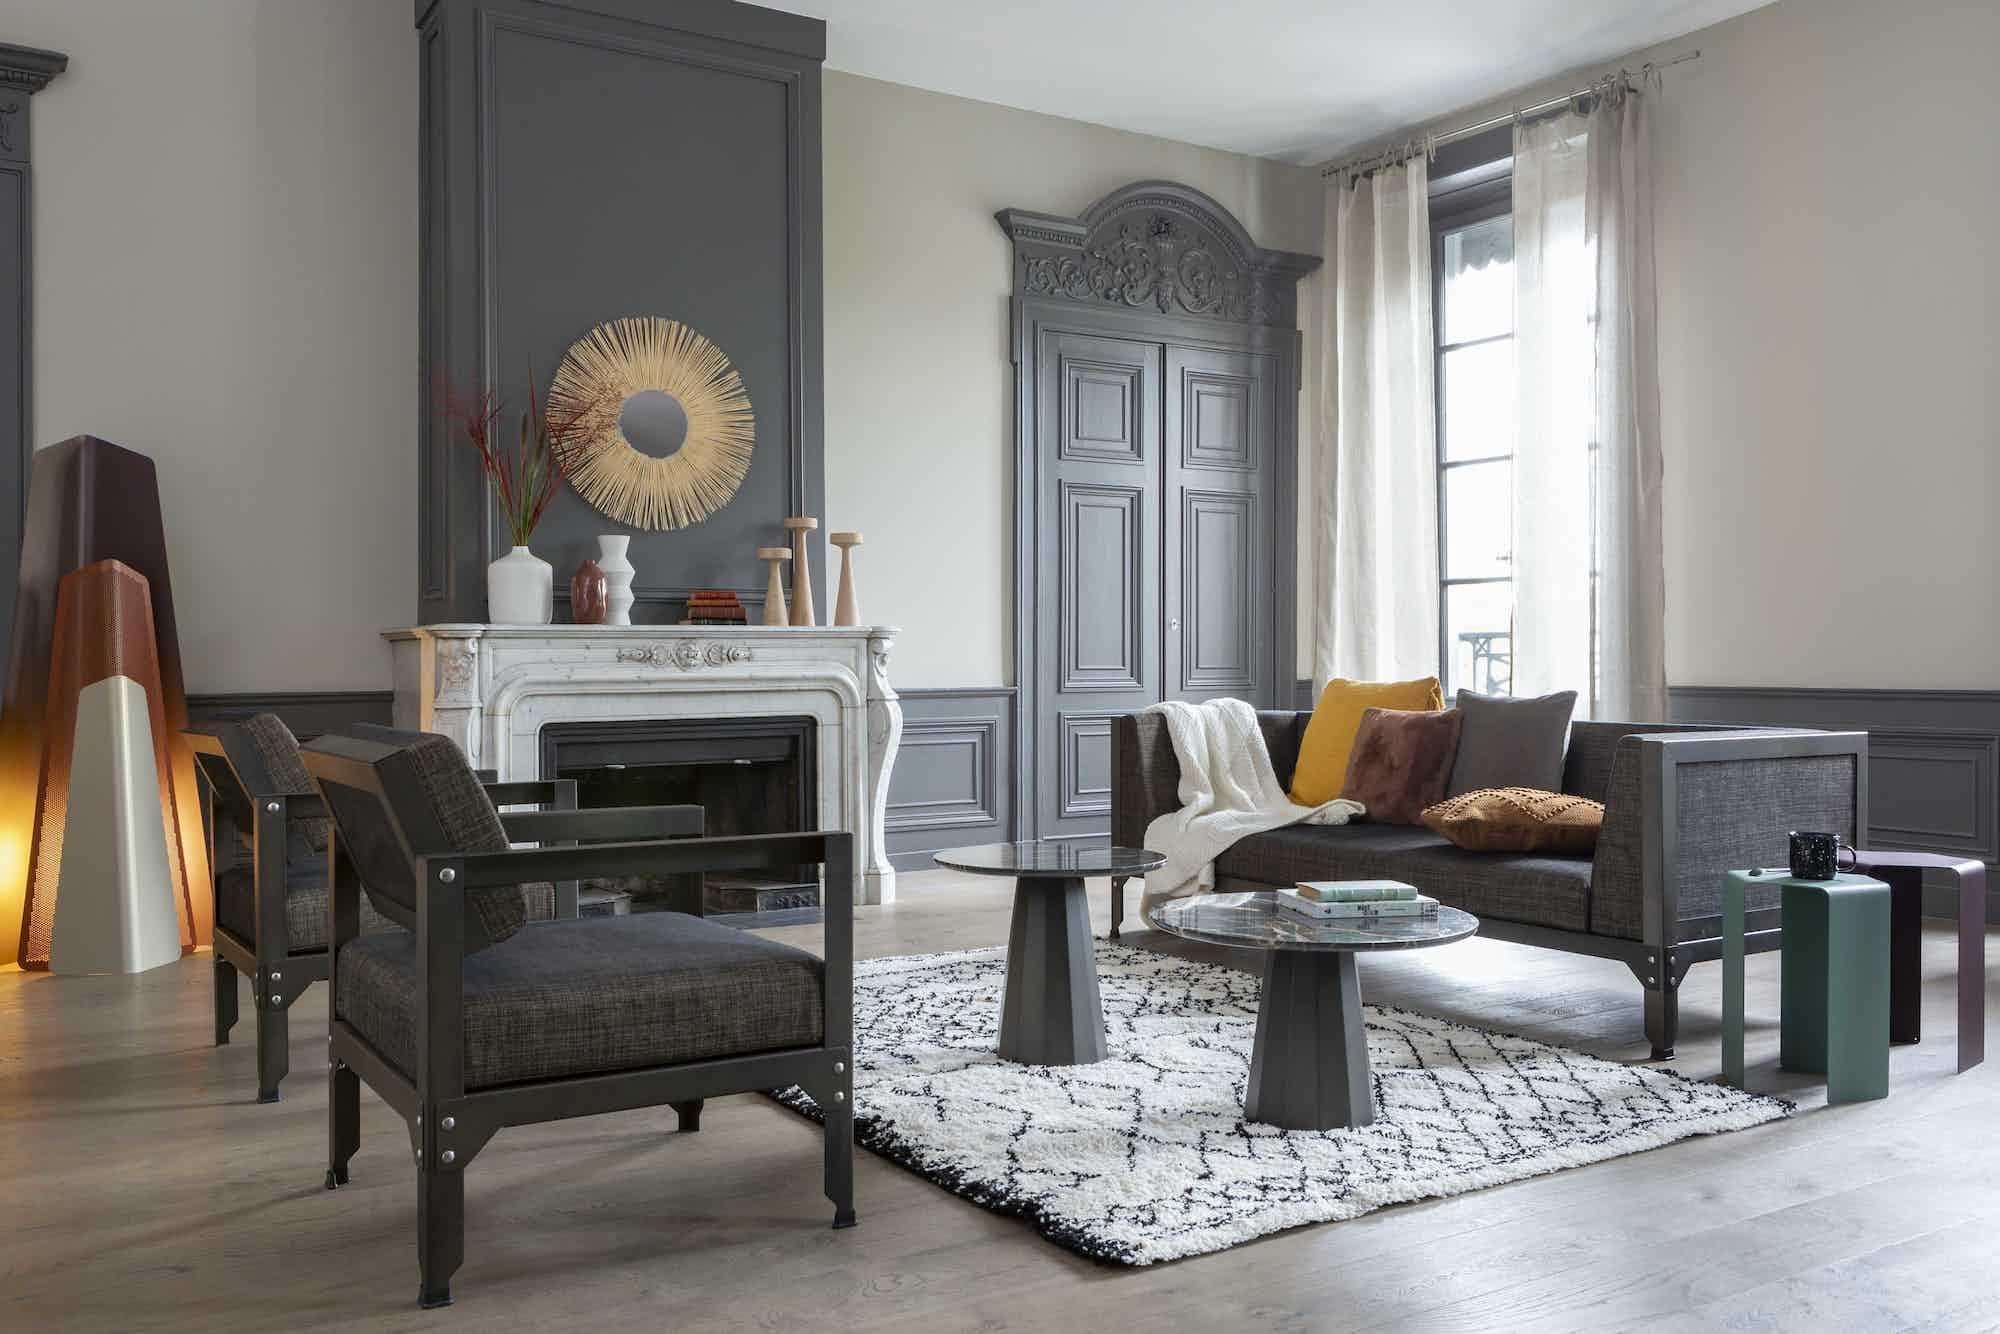 Matiere grise luc jozancy hegoa fauteuil canape interieur salon contemporain metal tissu lavable noir gris